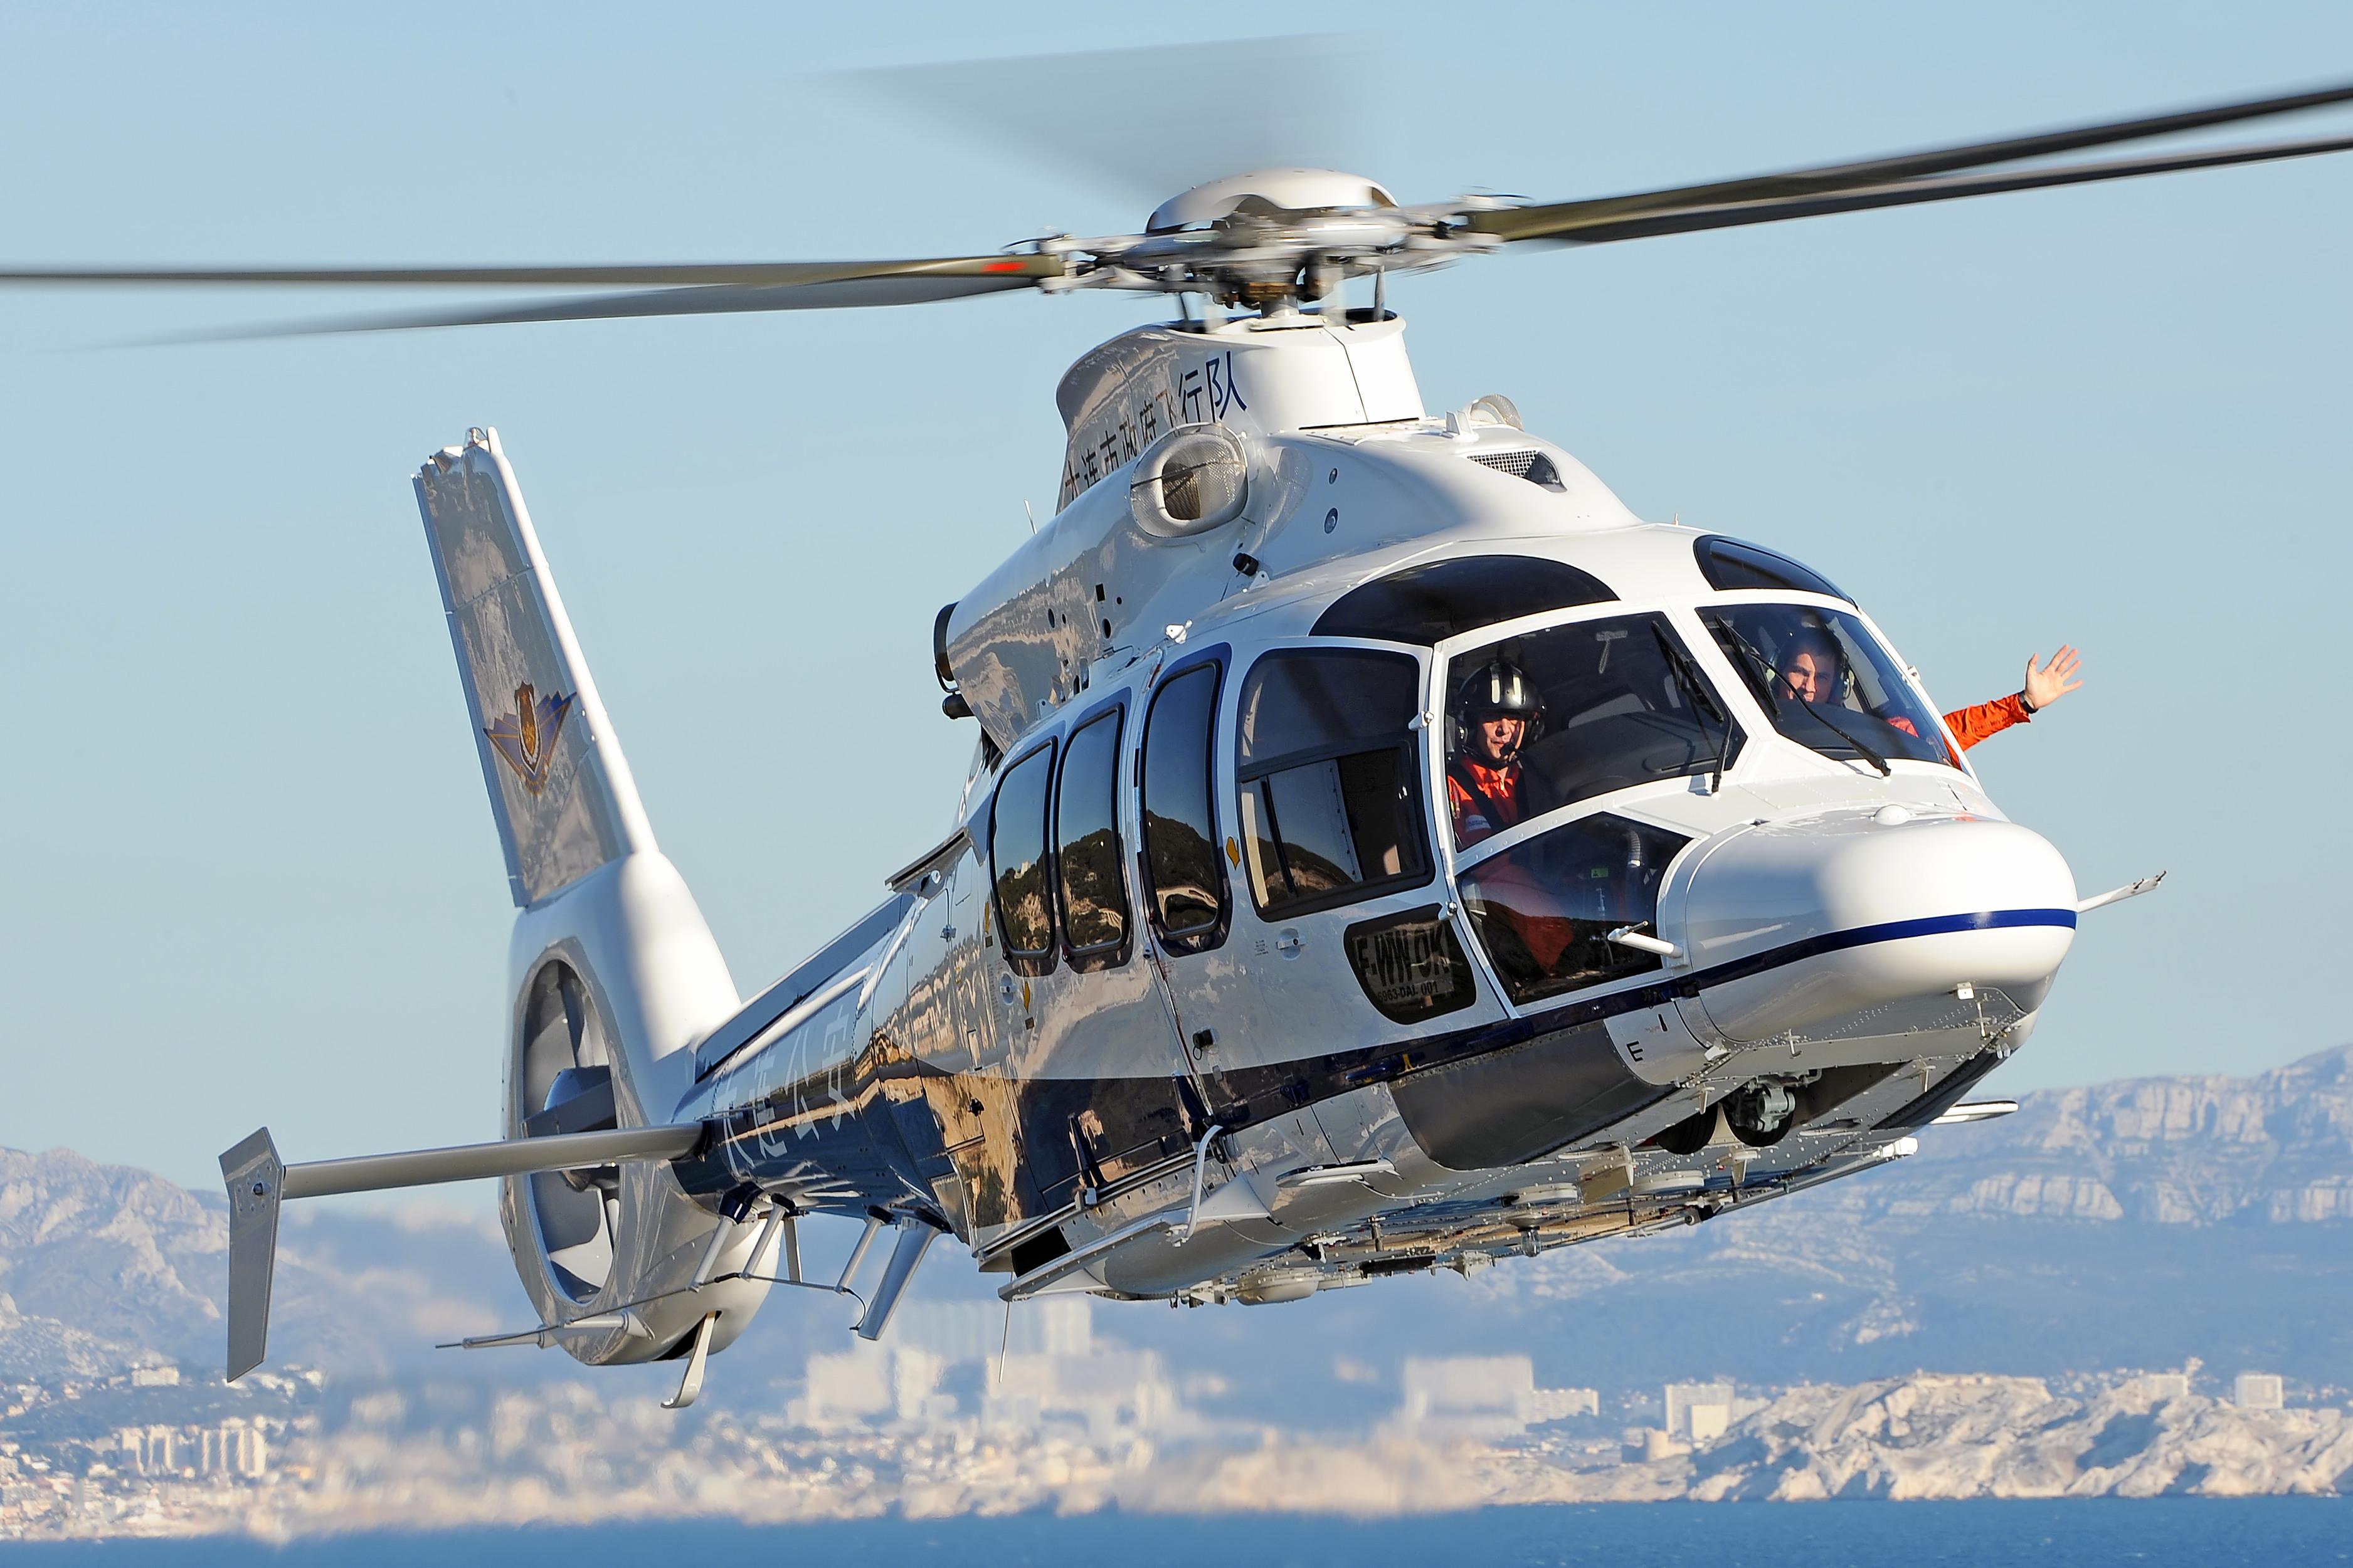 Elicottero In Tedesco : Consegnato alla città di dalian il secondo elicottero